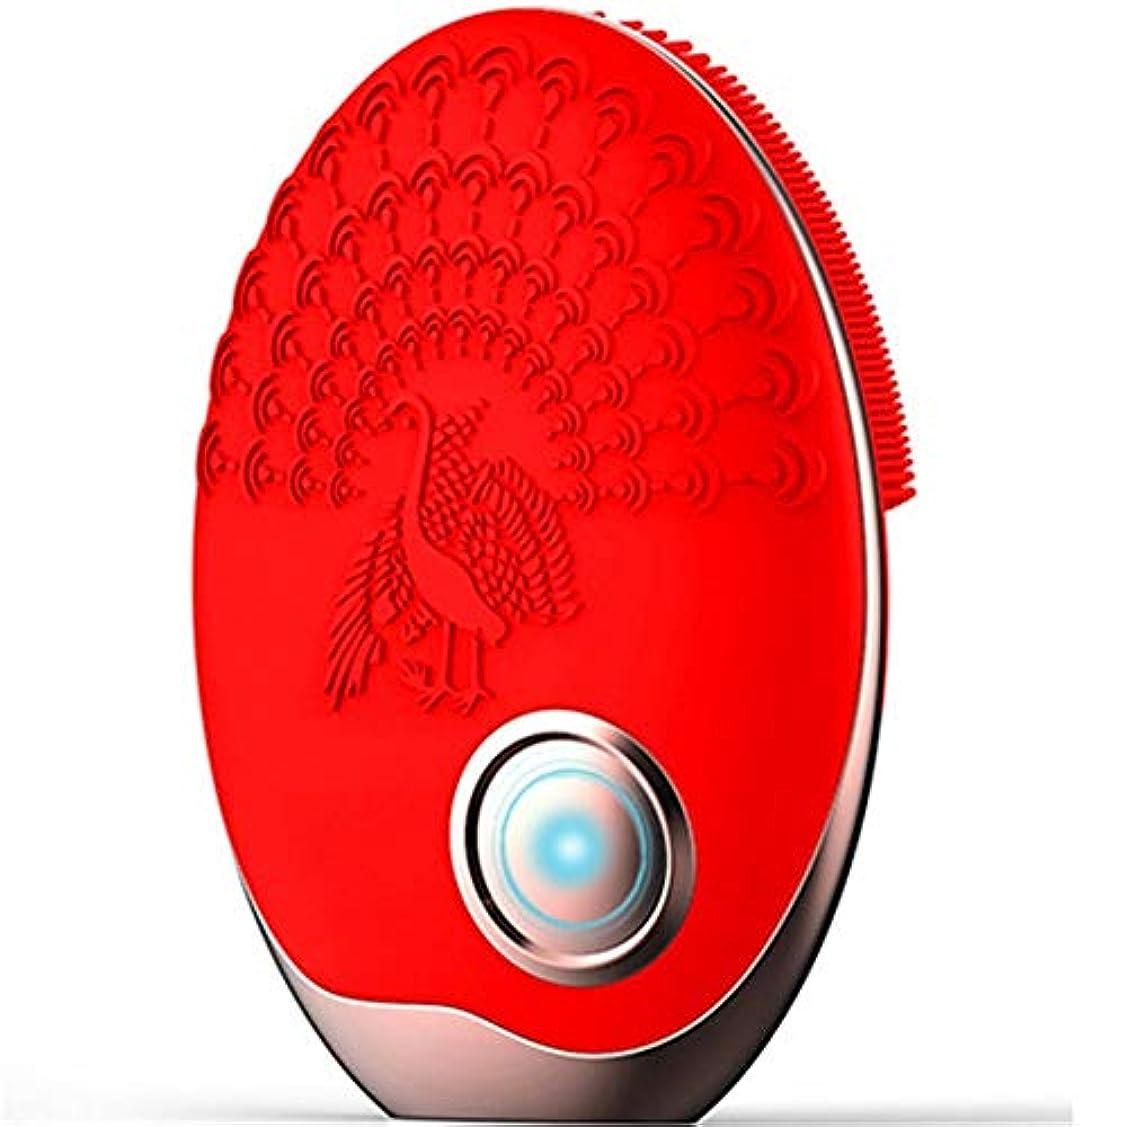 ナイトスポットロシア立場ZHILI 洗顔ブラシ、ワイヤレス充電クレンジング美容器具、電気掃除用ブラシ、超音波振動洗浄用ブラシ、シリコーン洗濯機 (Color : Red)